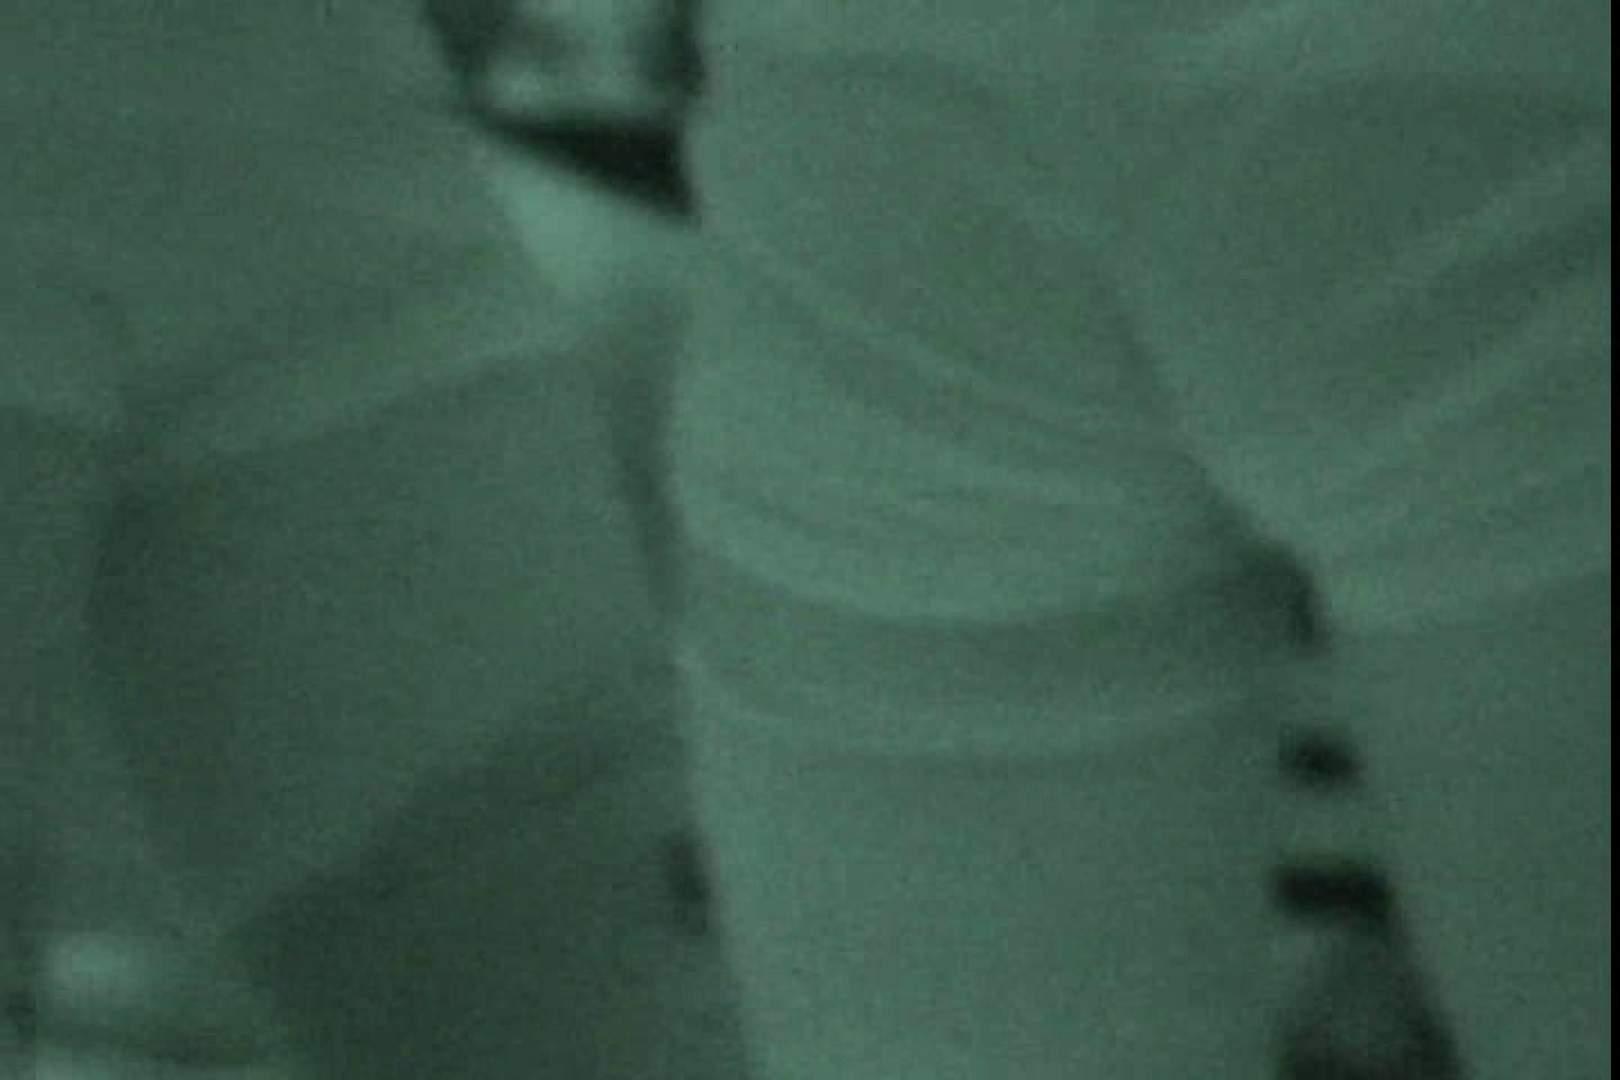 赤外線ムレスケバレー(汗) vol.11 0   0  33枚